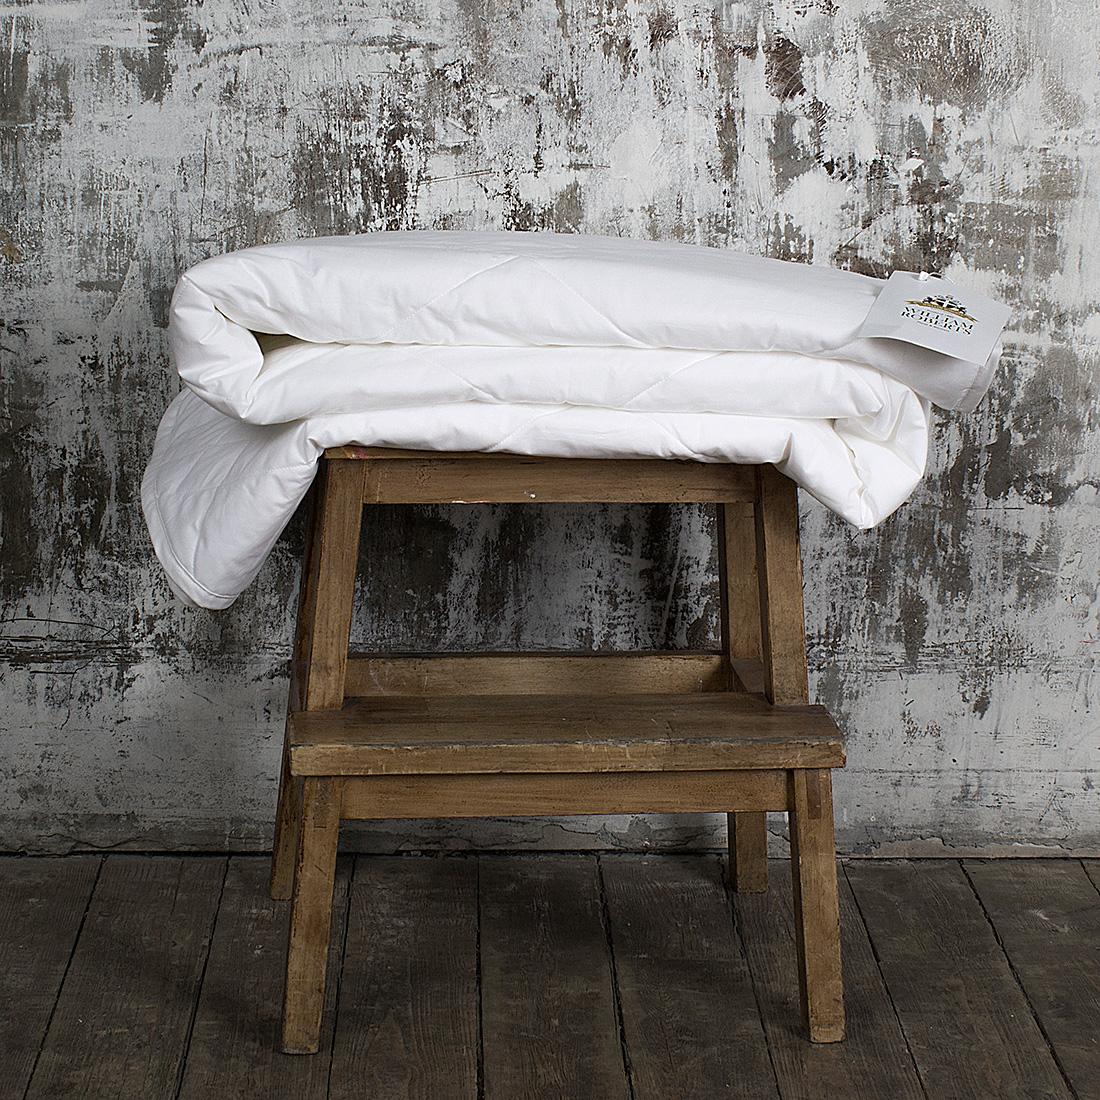 Одеяло легкое William Roberts Essential Bamboo, наполнитель: бамбуковое волокно, 200 х 220 смwlr233238Легкое одеяло William Roberts Essential Bamboo с наполнителем из бамбукового волокнаподарит вам спокойный и здоровый сон. Волокно бамбука - это натуральный материал, добываемый изстеблей растения. Он обладает способностьюбыстро впитывать и испарять влагу, а такжеантибактериальными свойствами, что препятствуетпоявлениюпылевых клещей и болезнетворных бактерий.Изделия с наполнителем из бамбука легко пропускаютвоздух. Они отличаются превосходнымидезодорирующими свойствами, мягкие, легкие, простые вуходе, гипоаллергенные и подходят абсолютно всем.Чехол одеяла выполнен из хлопкового сатина. Одеяло простеганои окантовано. Стежка надежно удерживает наполнительвнутри и не позволяет ему скатываться. Плотность наполнителя: 150 г/м2. Размер: 200 х 220 см.